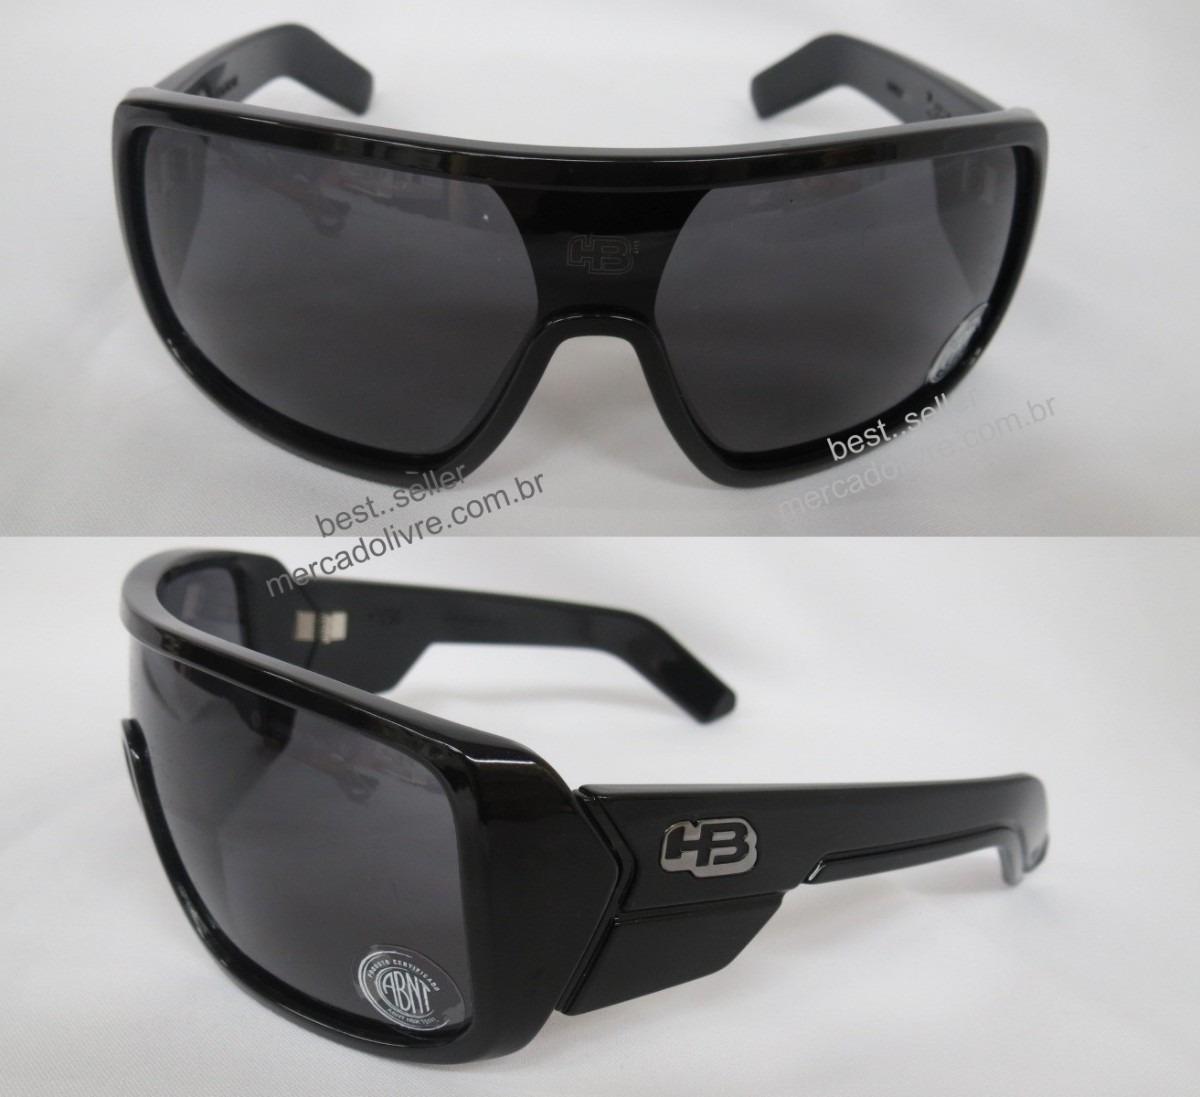 c2224e7b70fdb Óculos Solar - oticasmaia.com.br